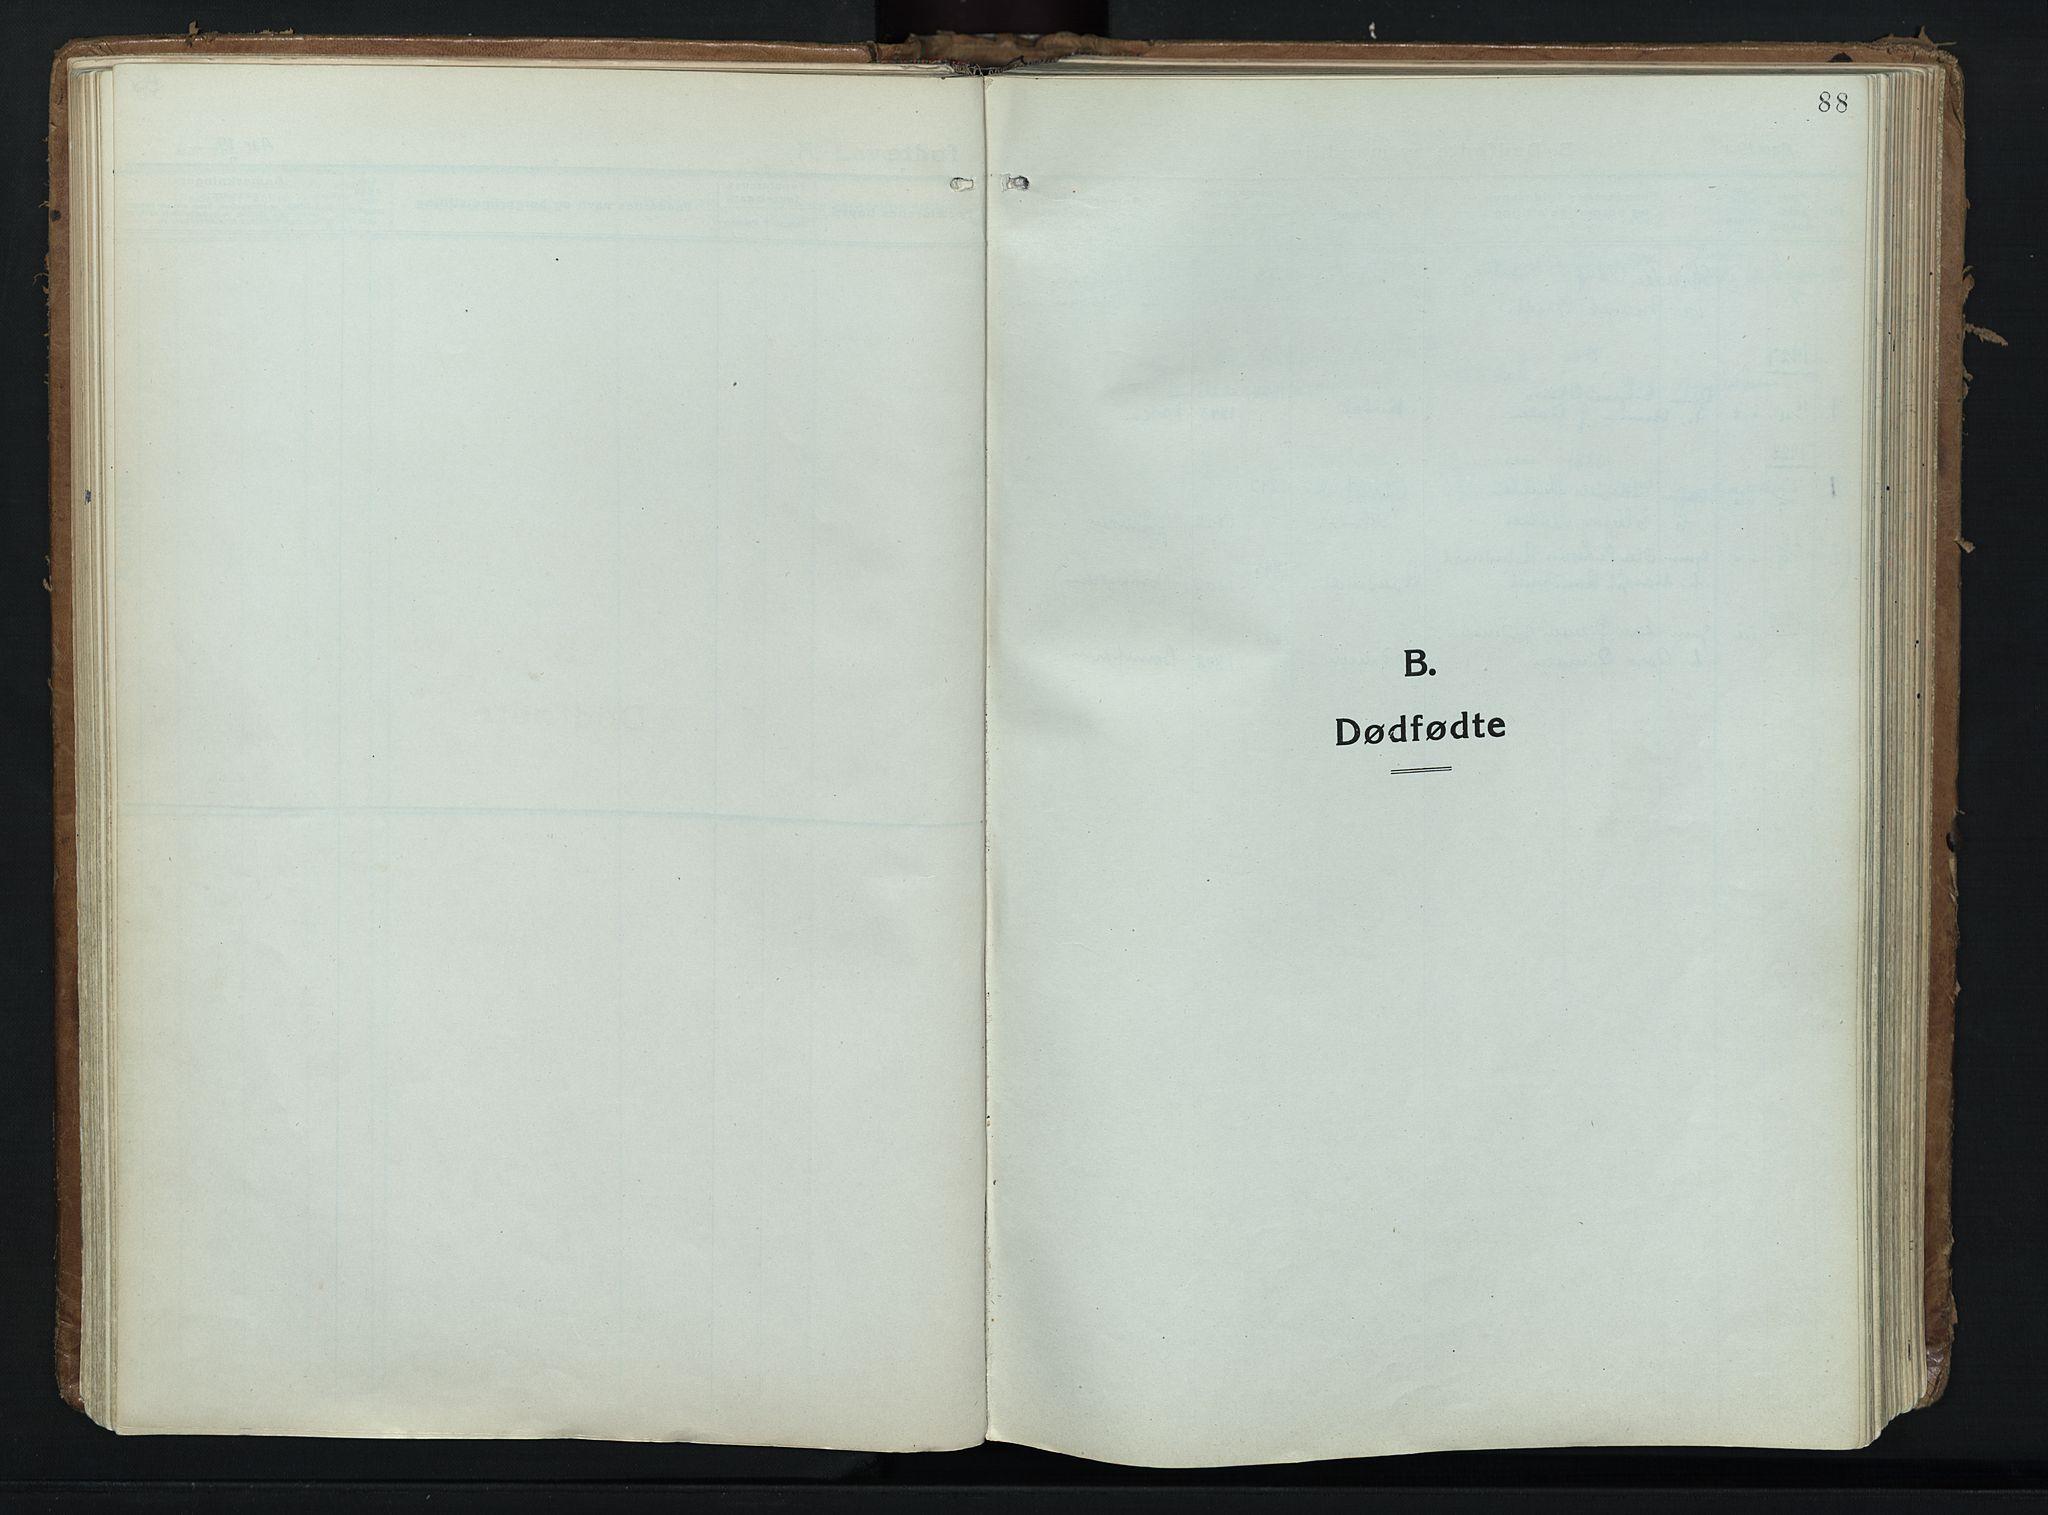 SAH, Alvdal prestekontor, Ministerialbok nr. 6, 1920-1937, s. 88